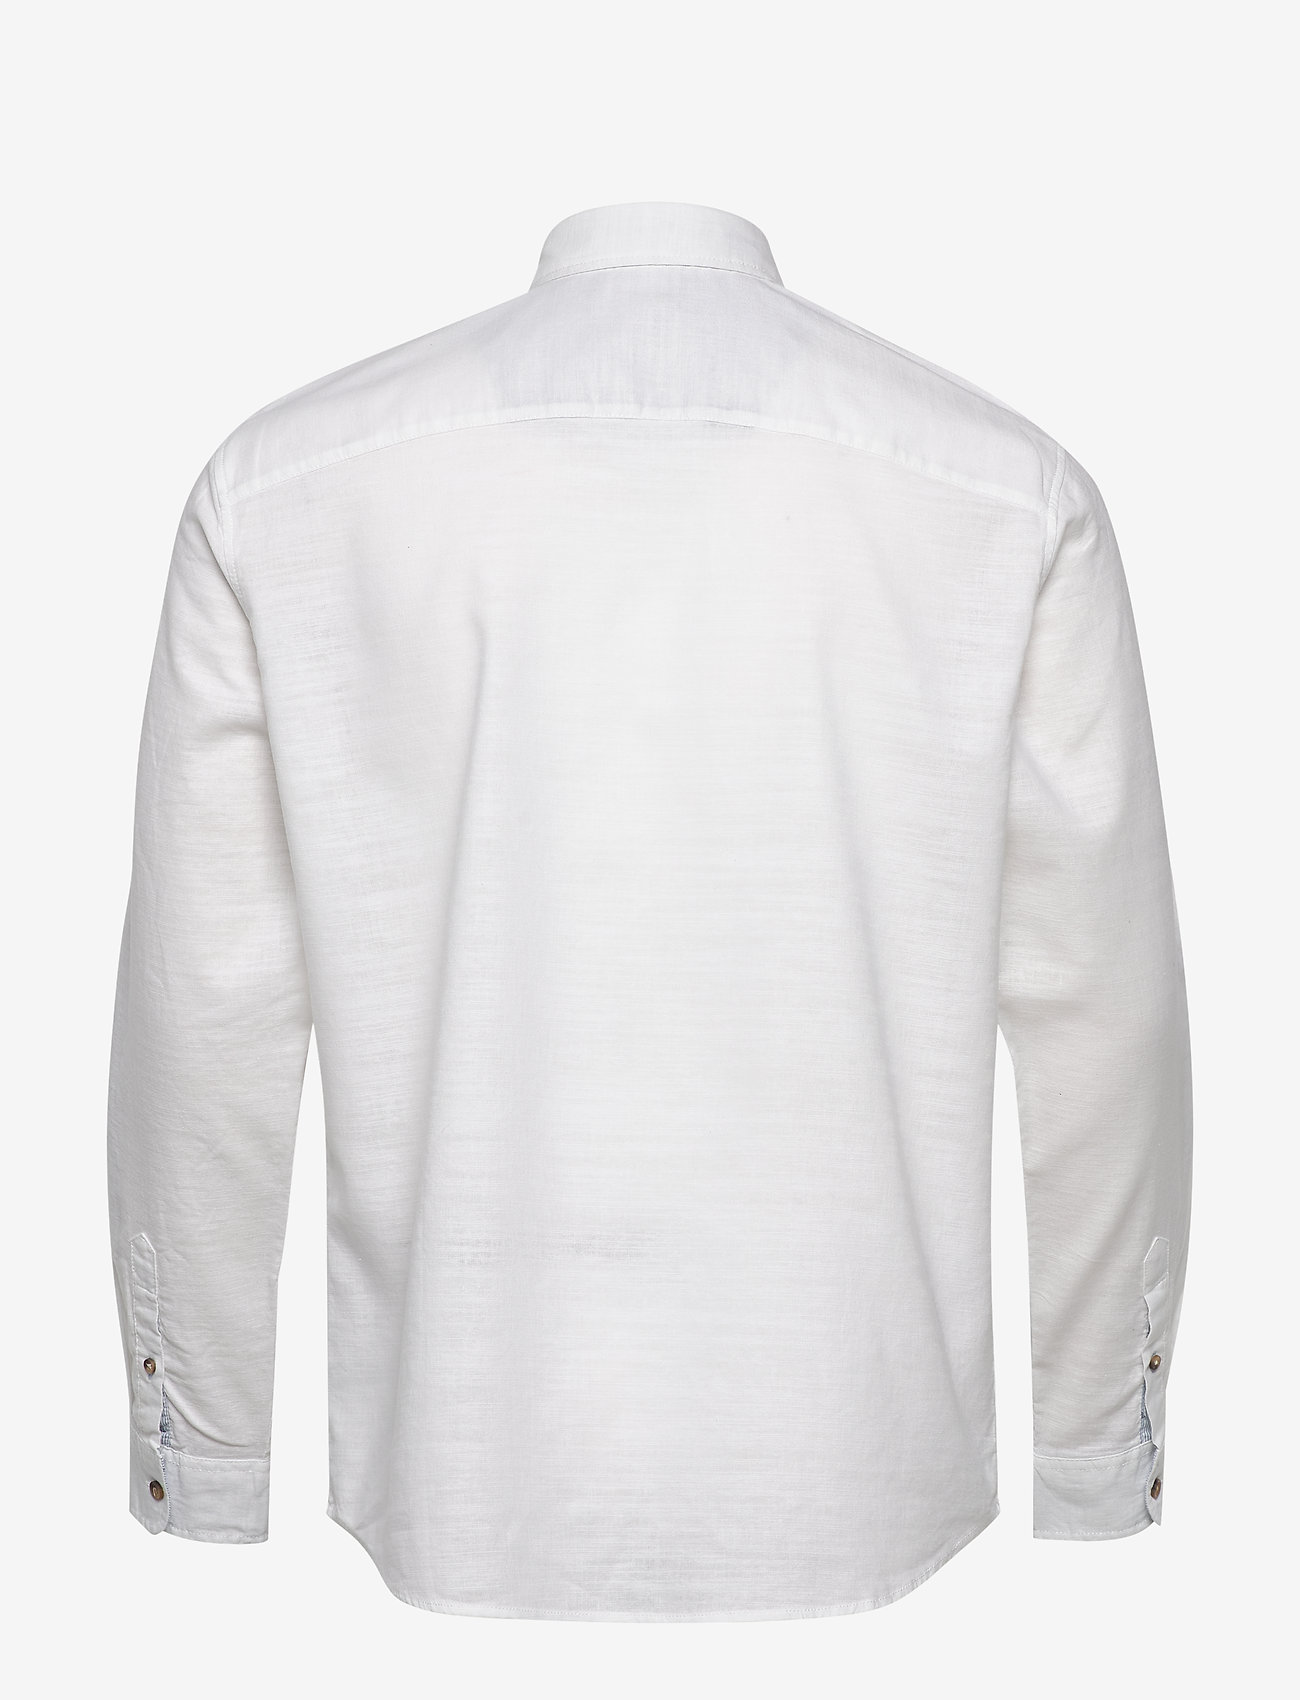 Jack & Jones - JORCHANDLER SHIRT LS - basic skjortor - white - 1